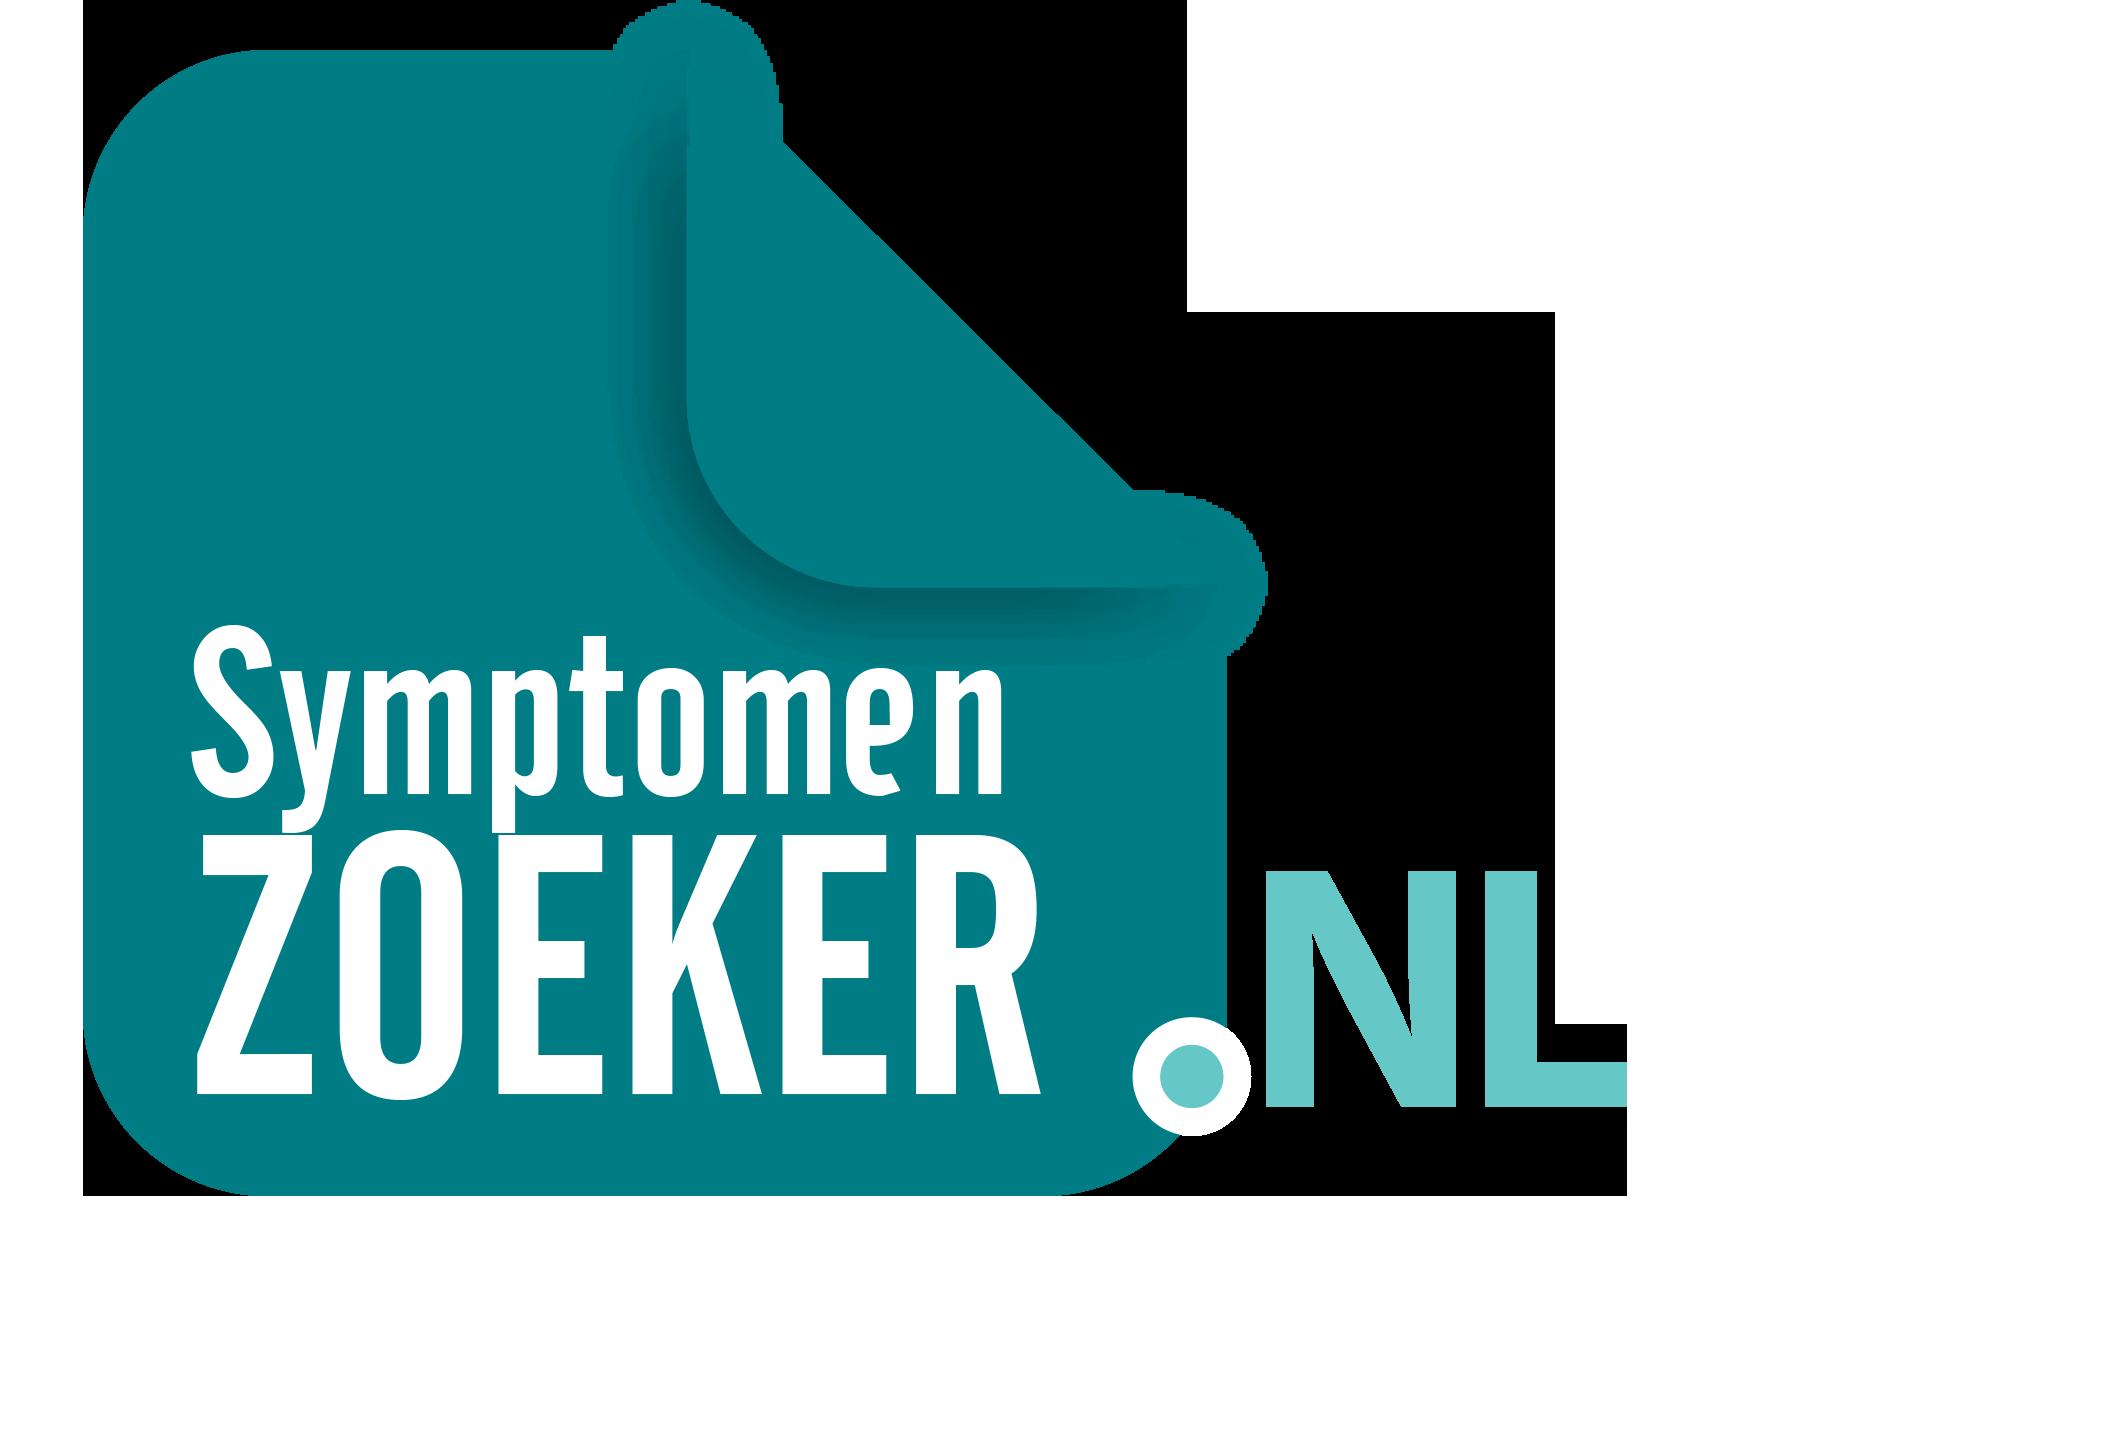 Symptomen zoeken